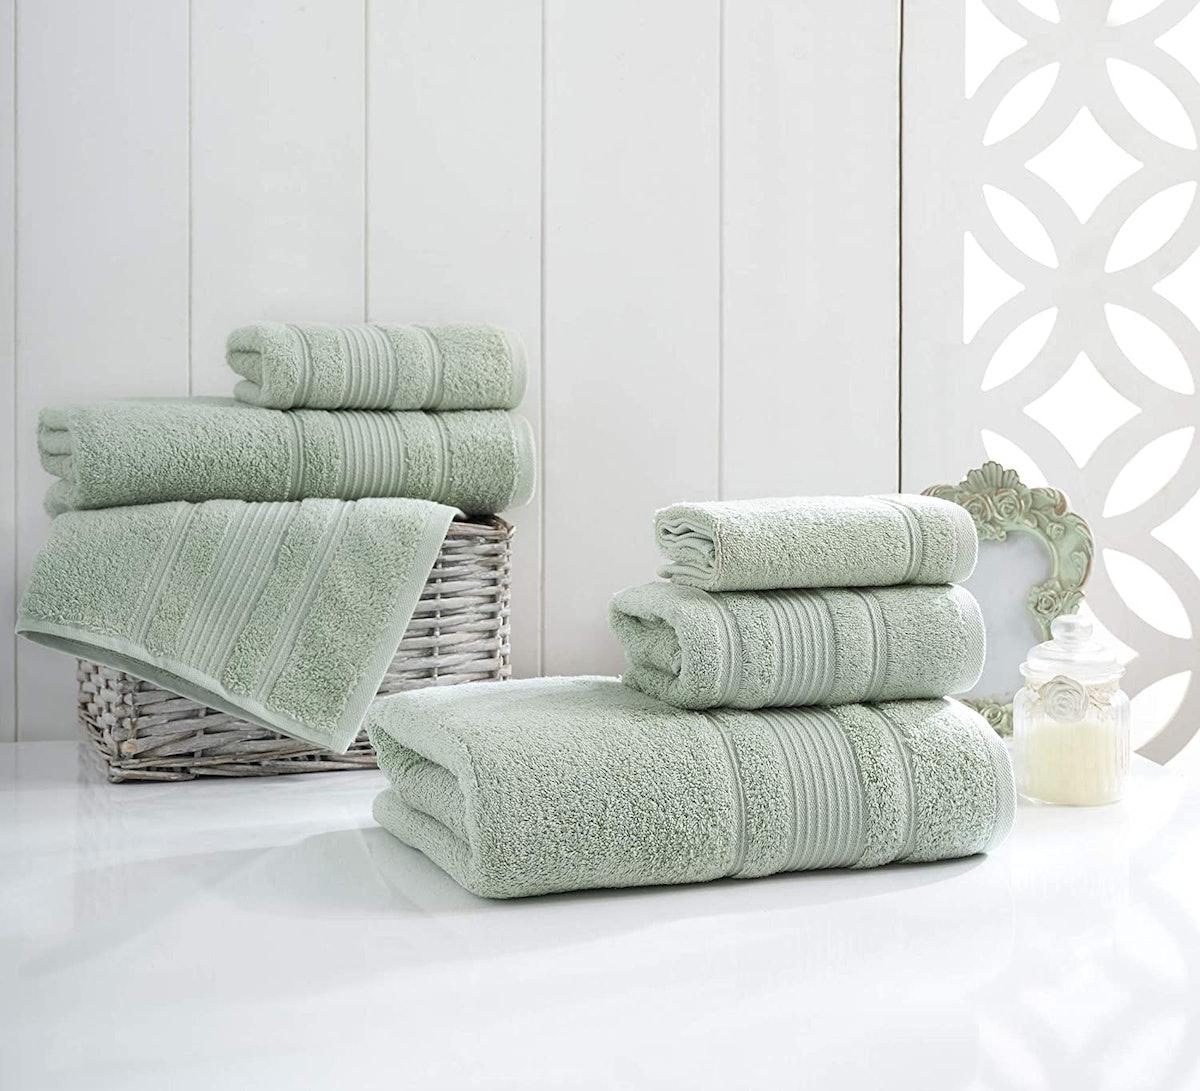 Qute Home Turkish Cotton Towels, 4-Piece Set